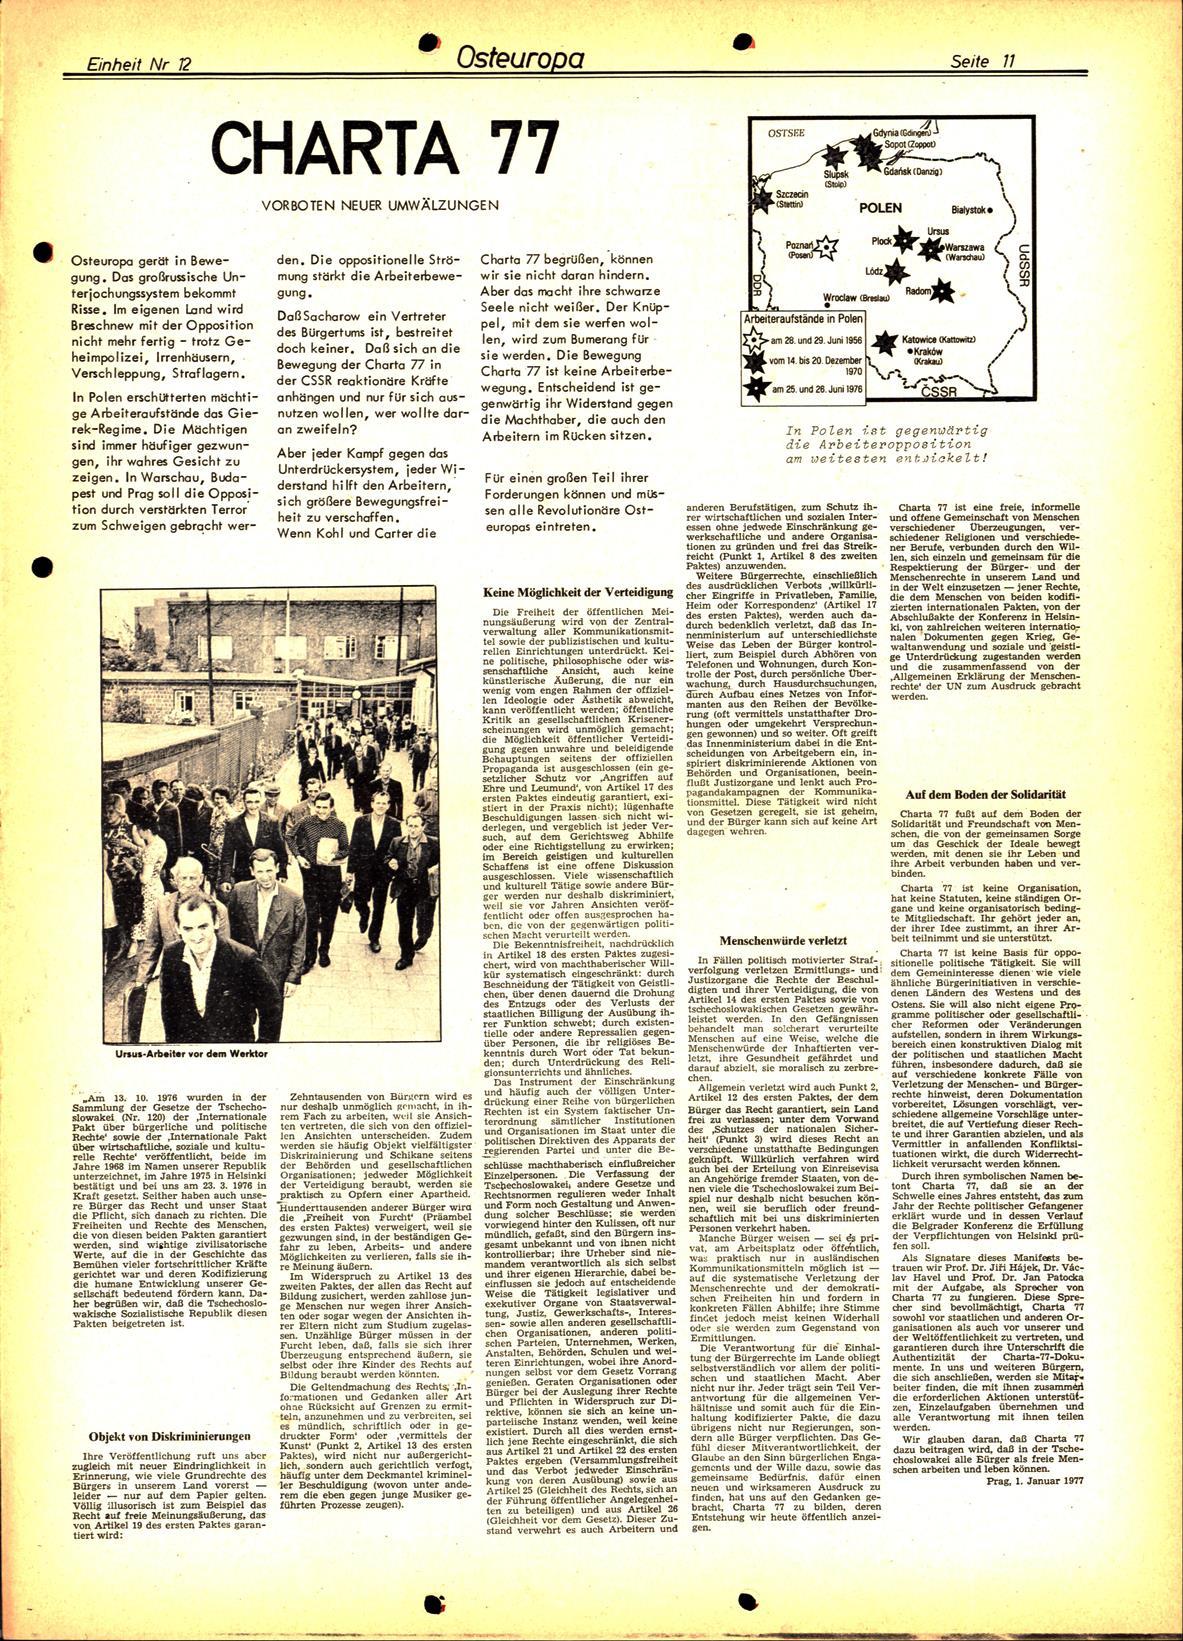 Koeln_IPdA_Einheit_1977_012_011